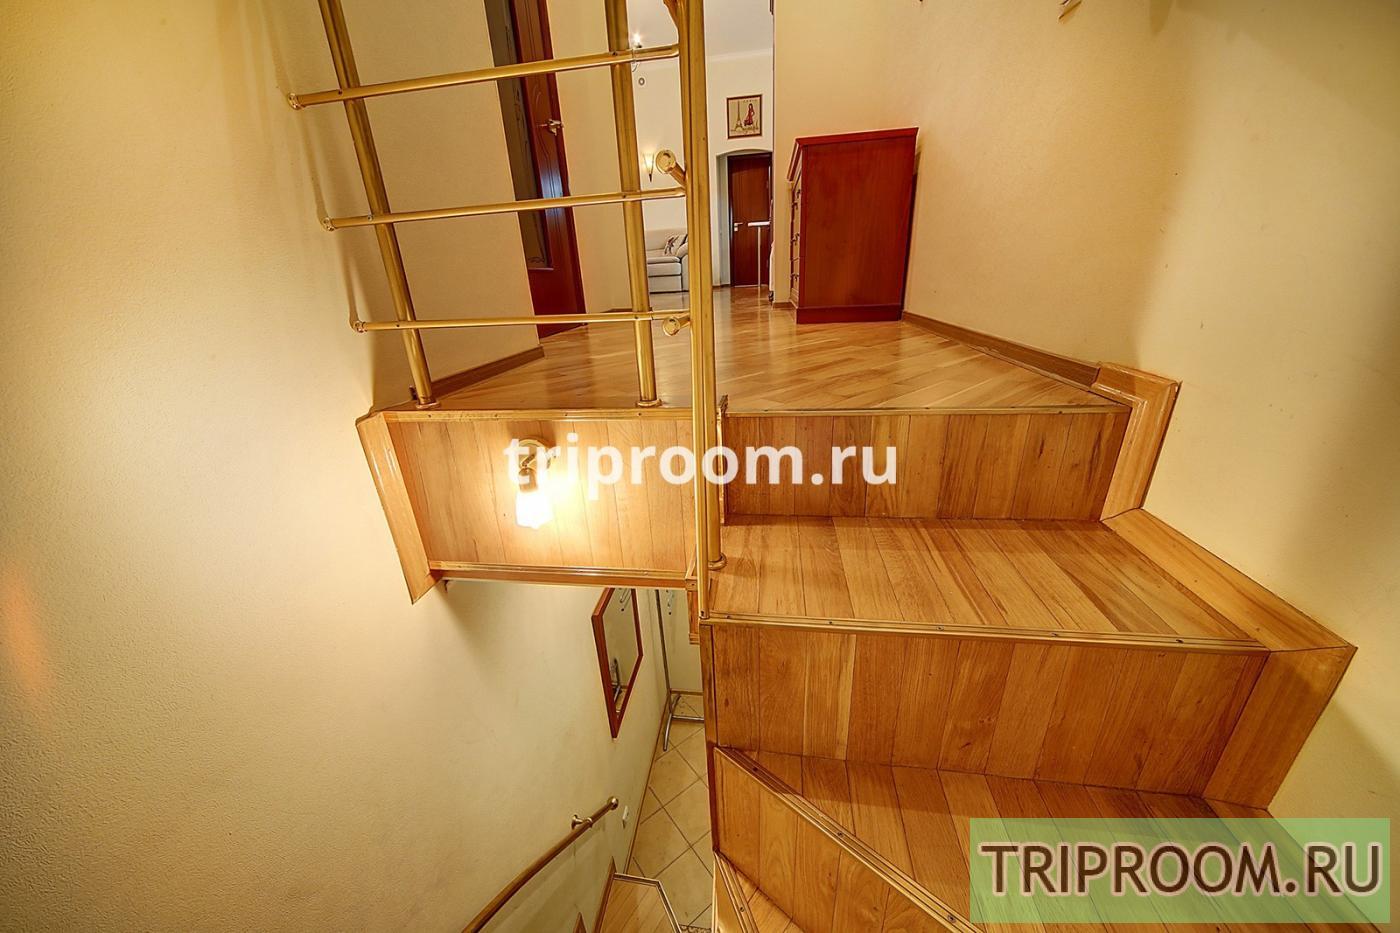 2-комнатная квартира посуточно (вариант № 15116), ул. Большая Конюшенная улица, фото № 20